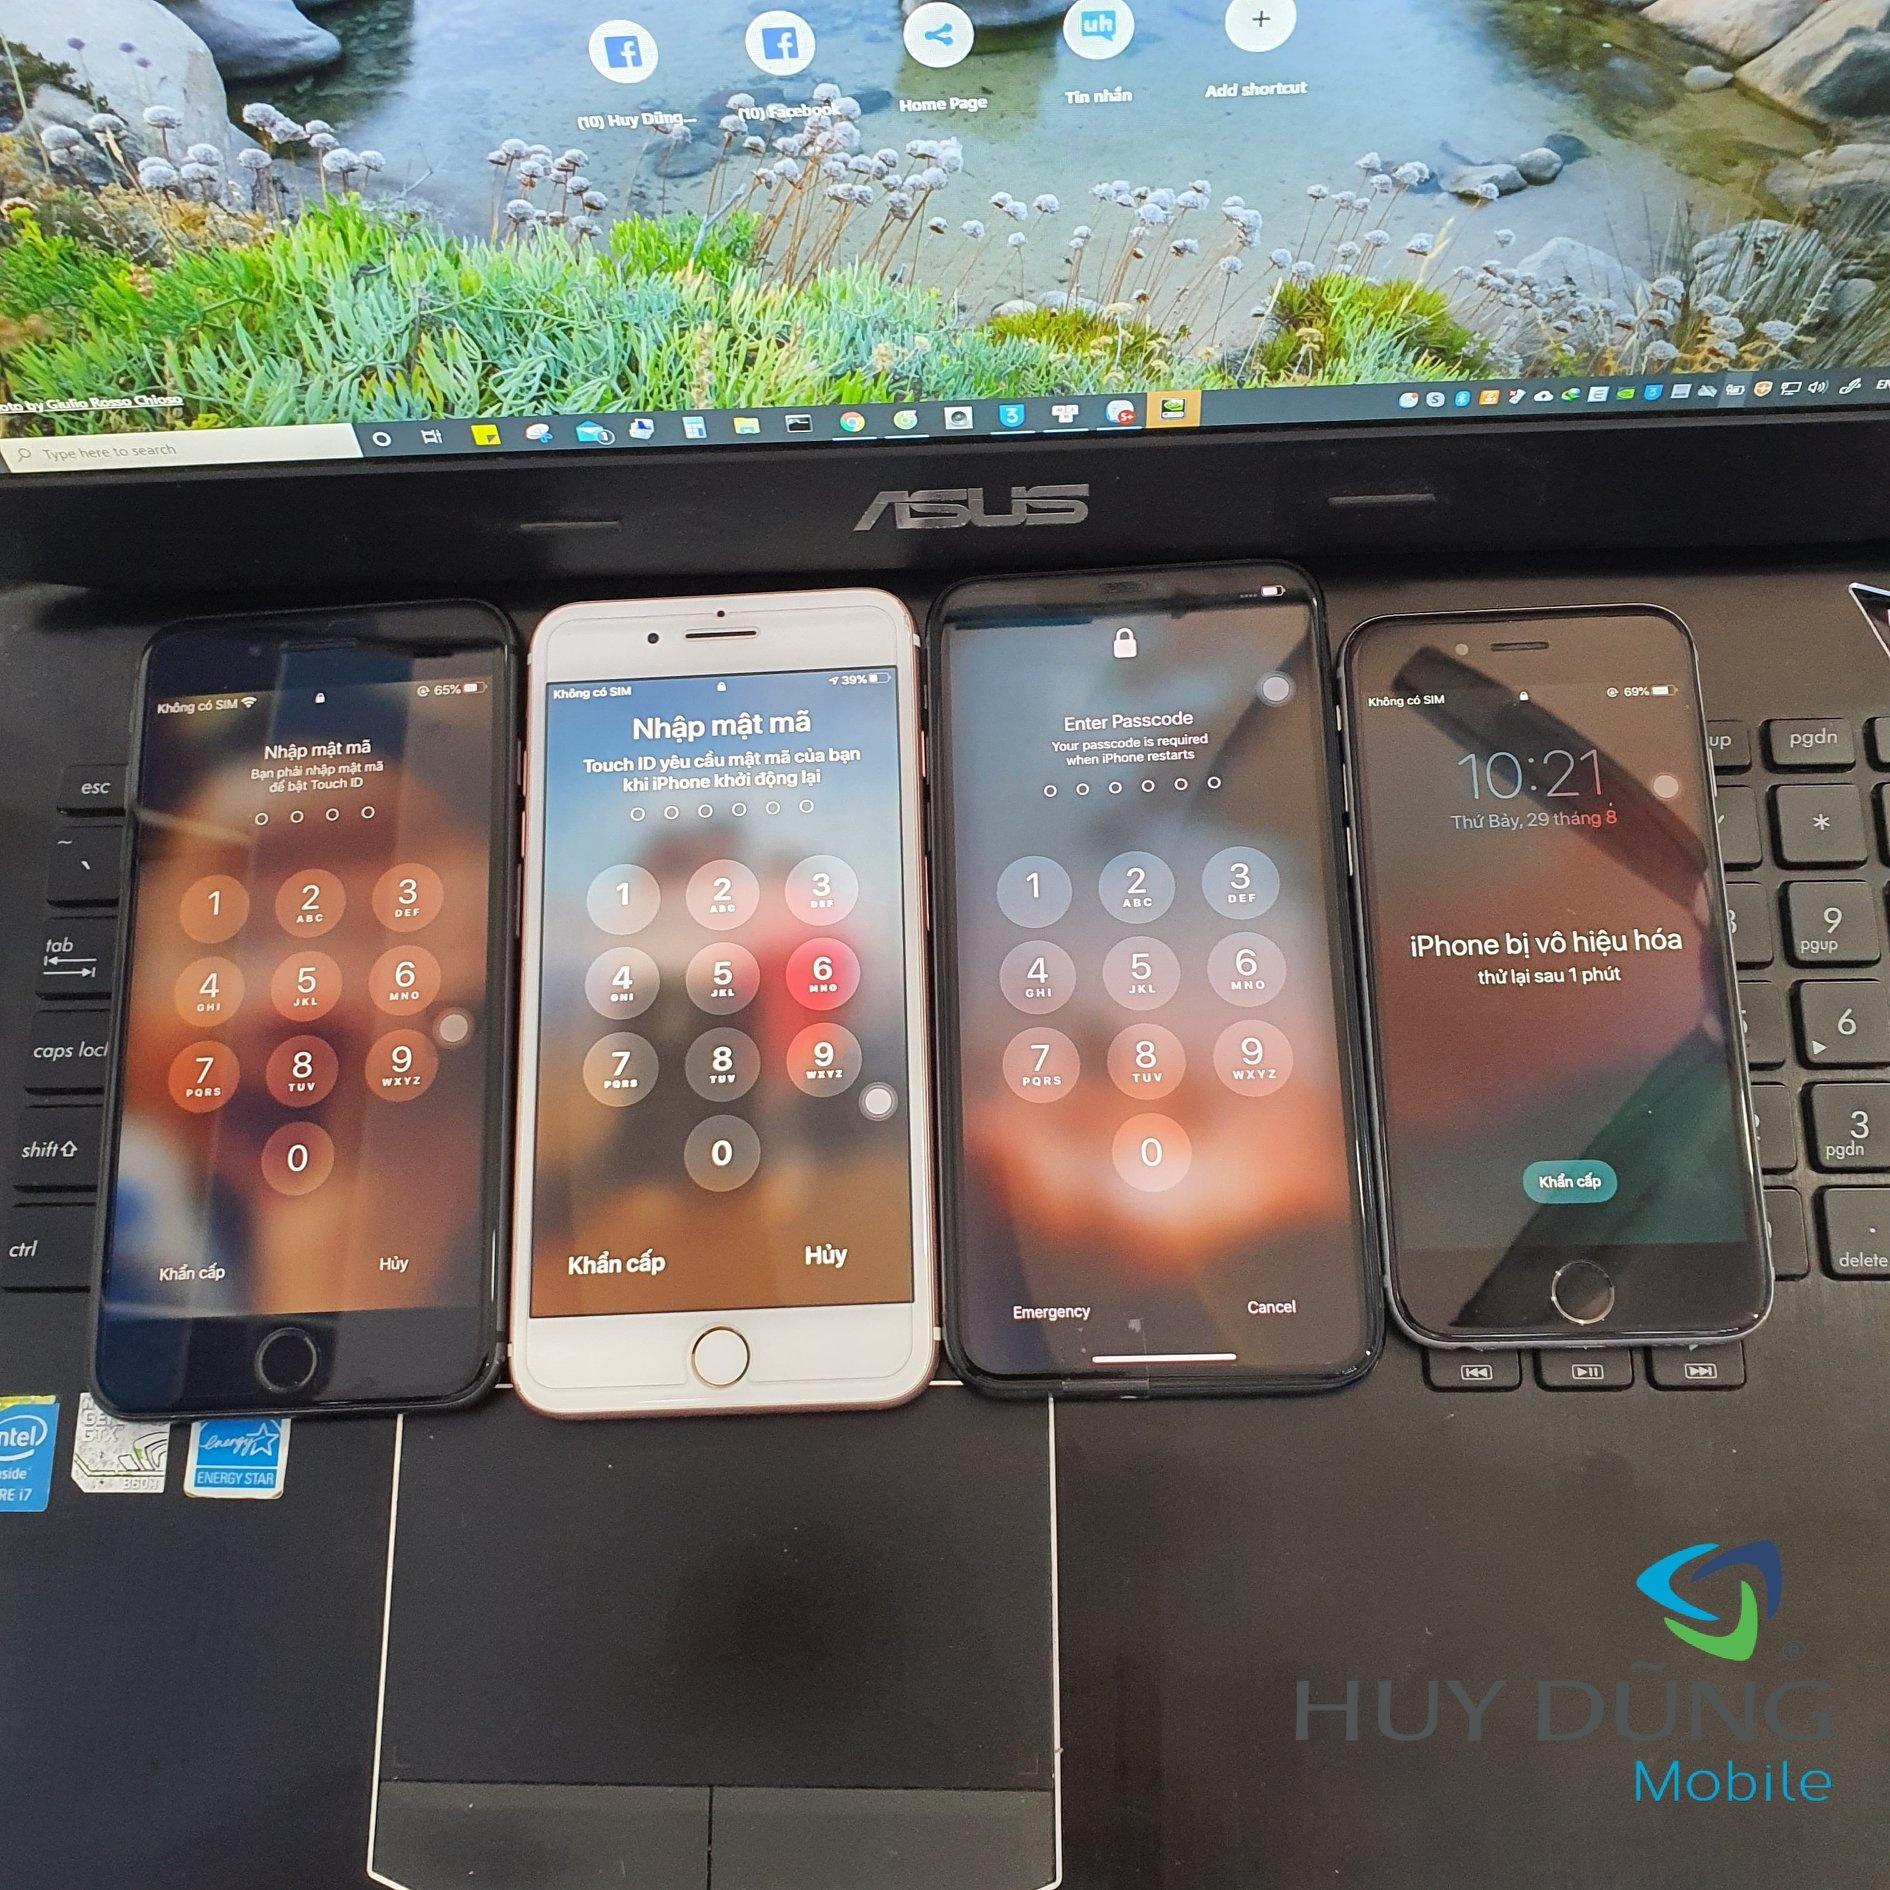 Hình ảnh iPhone by pass